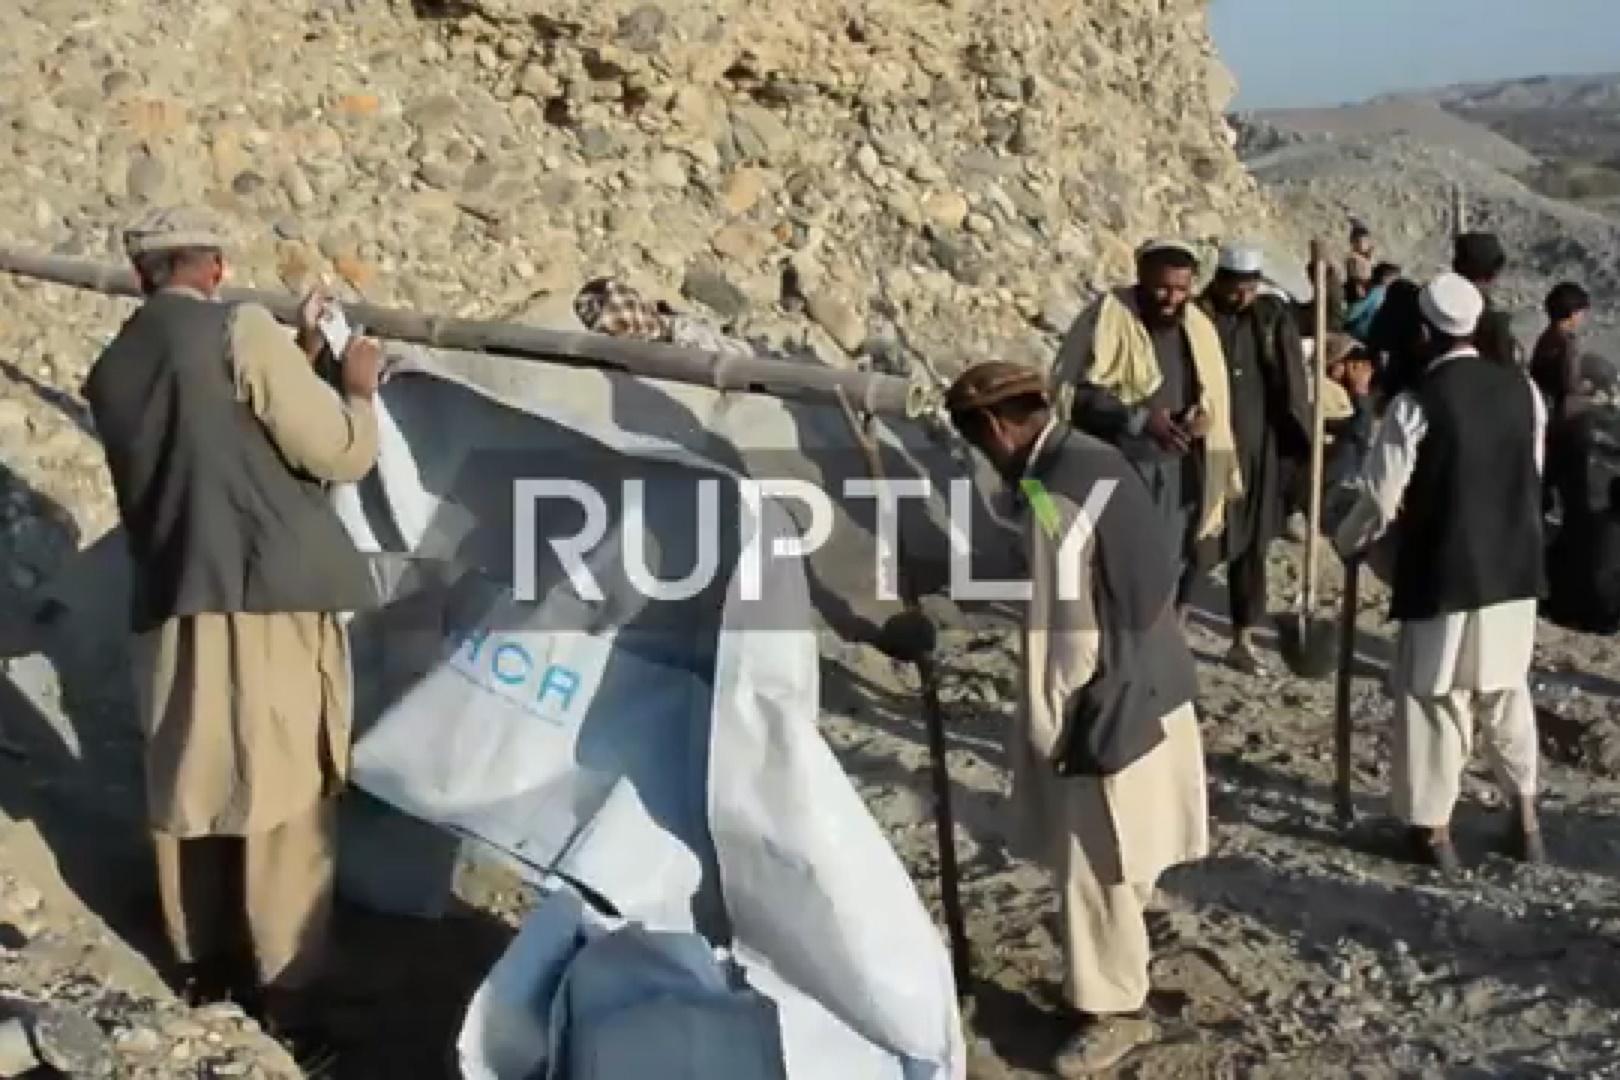 فیلم | روزگار سخت افغانهای آواره از جنگ